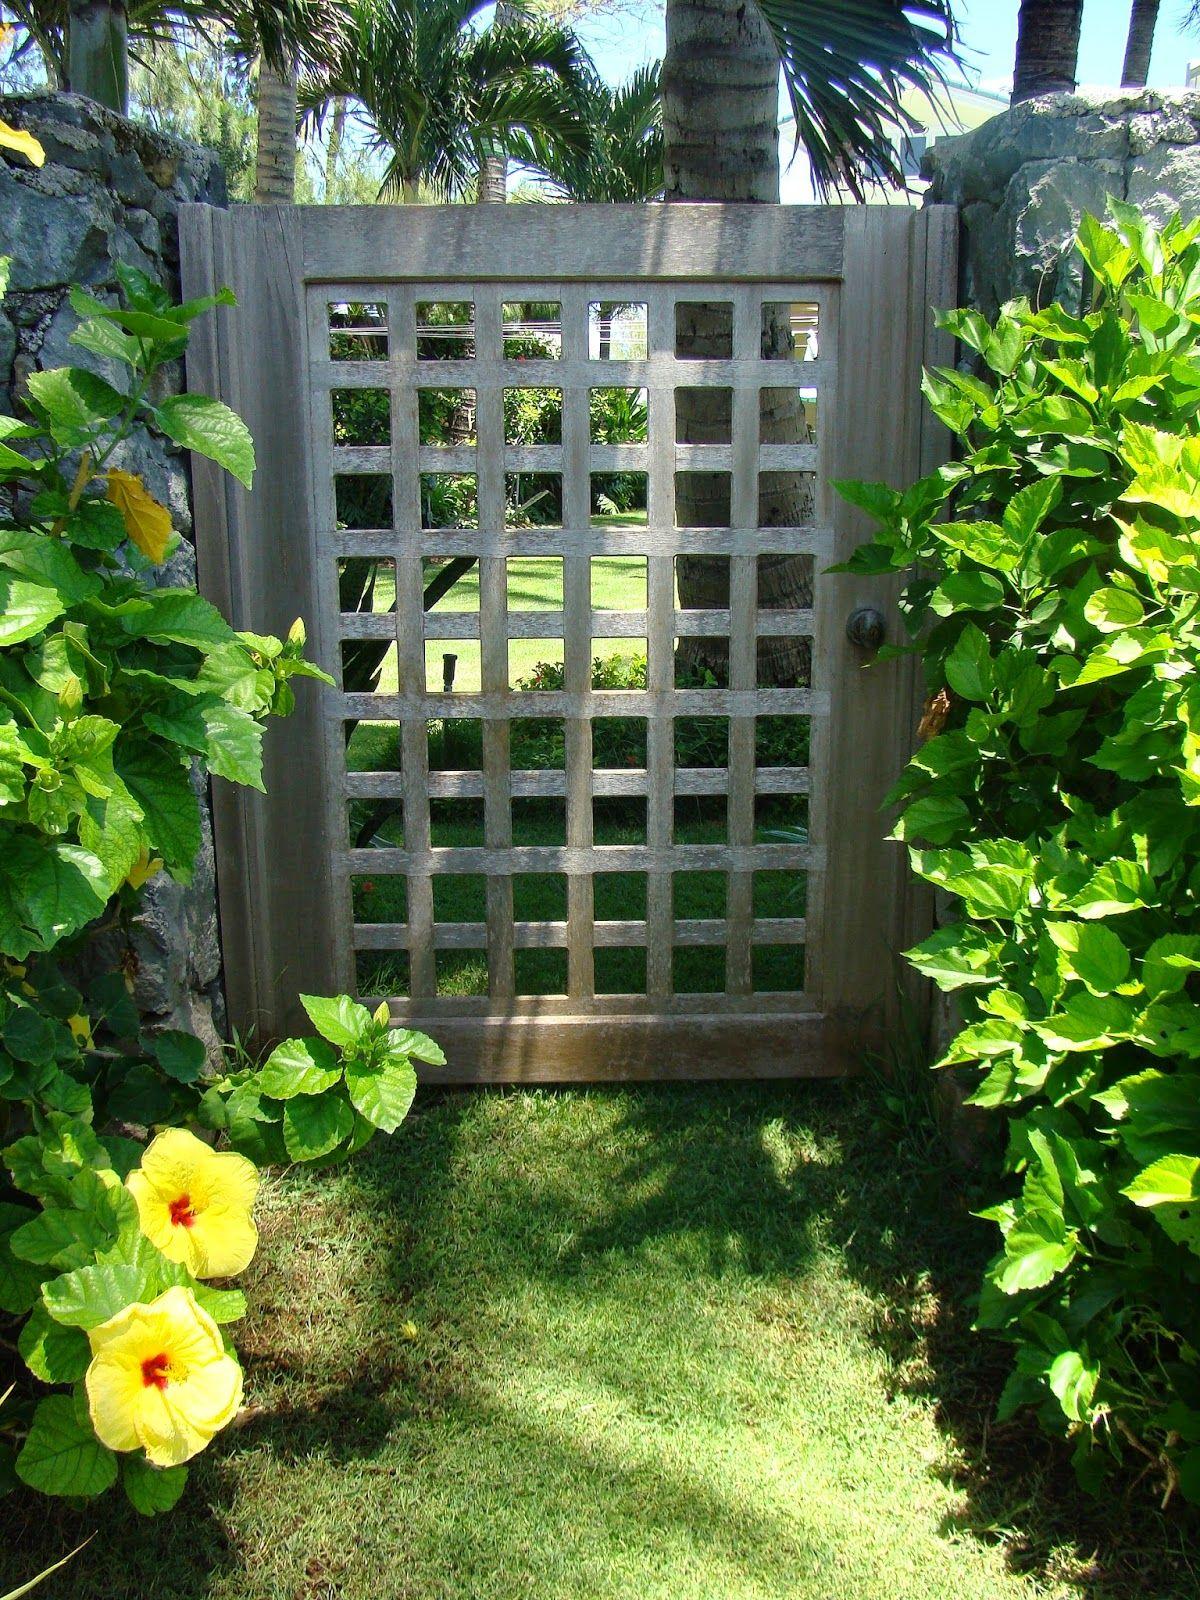 A Simple Garden Gate - Photo of the Day  Garden gate design